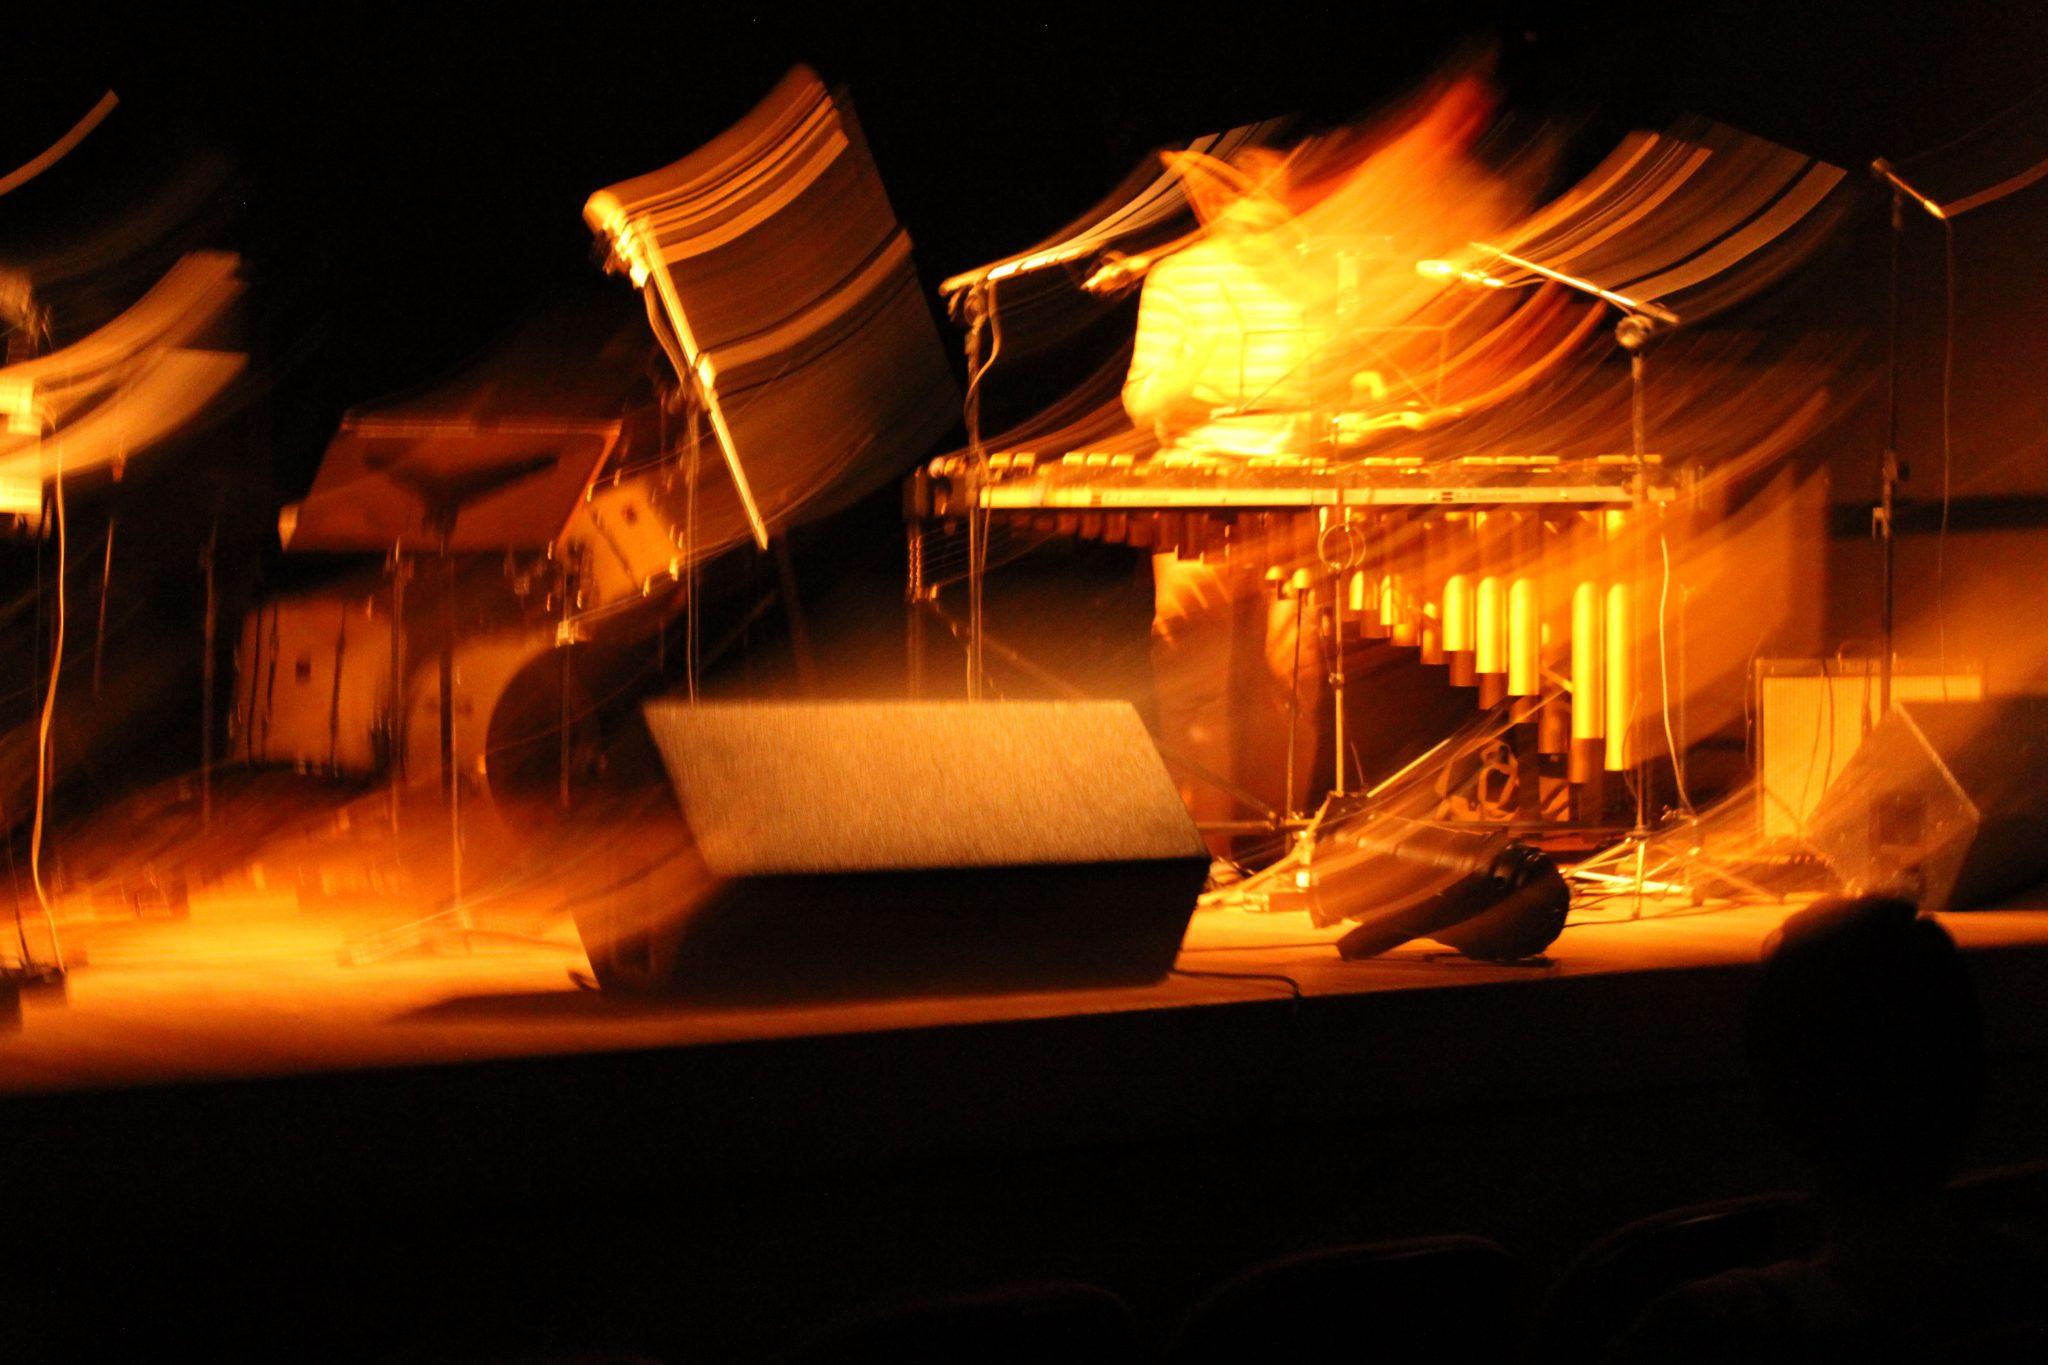 La réception musicale en mouvement. ©Andrea Borges